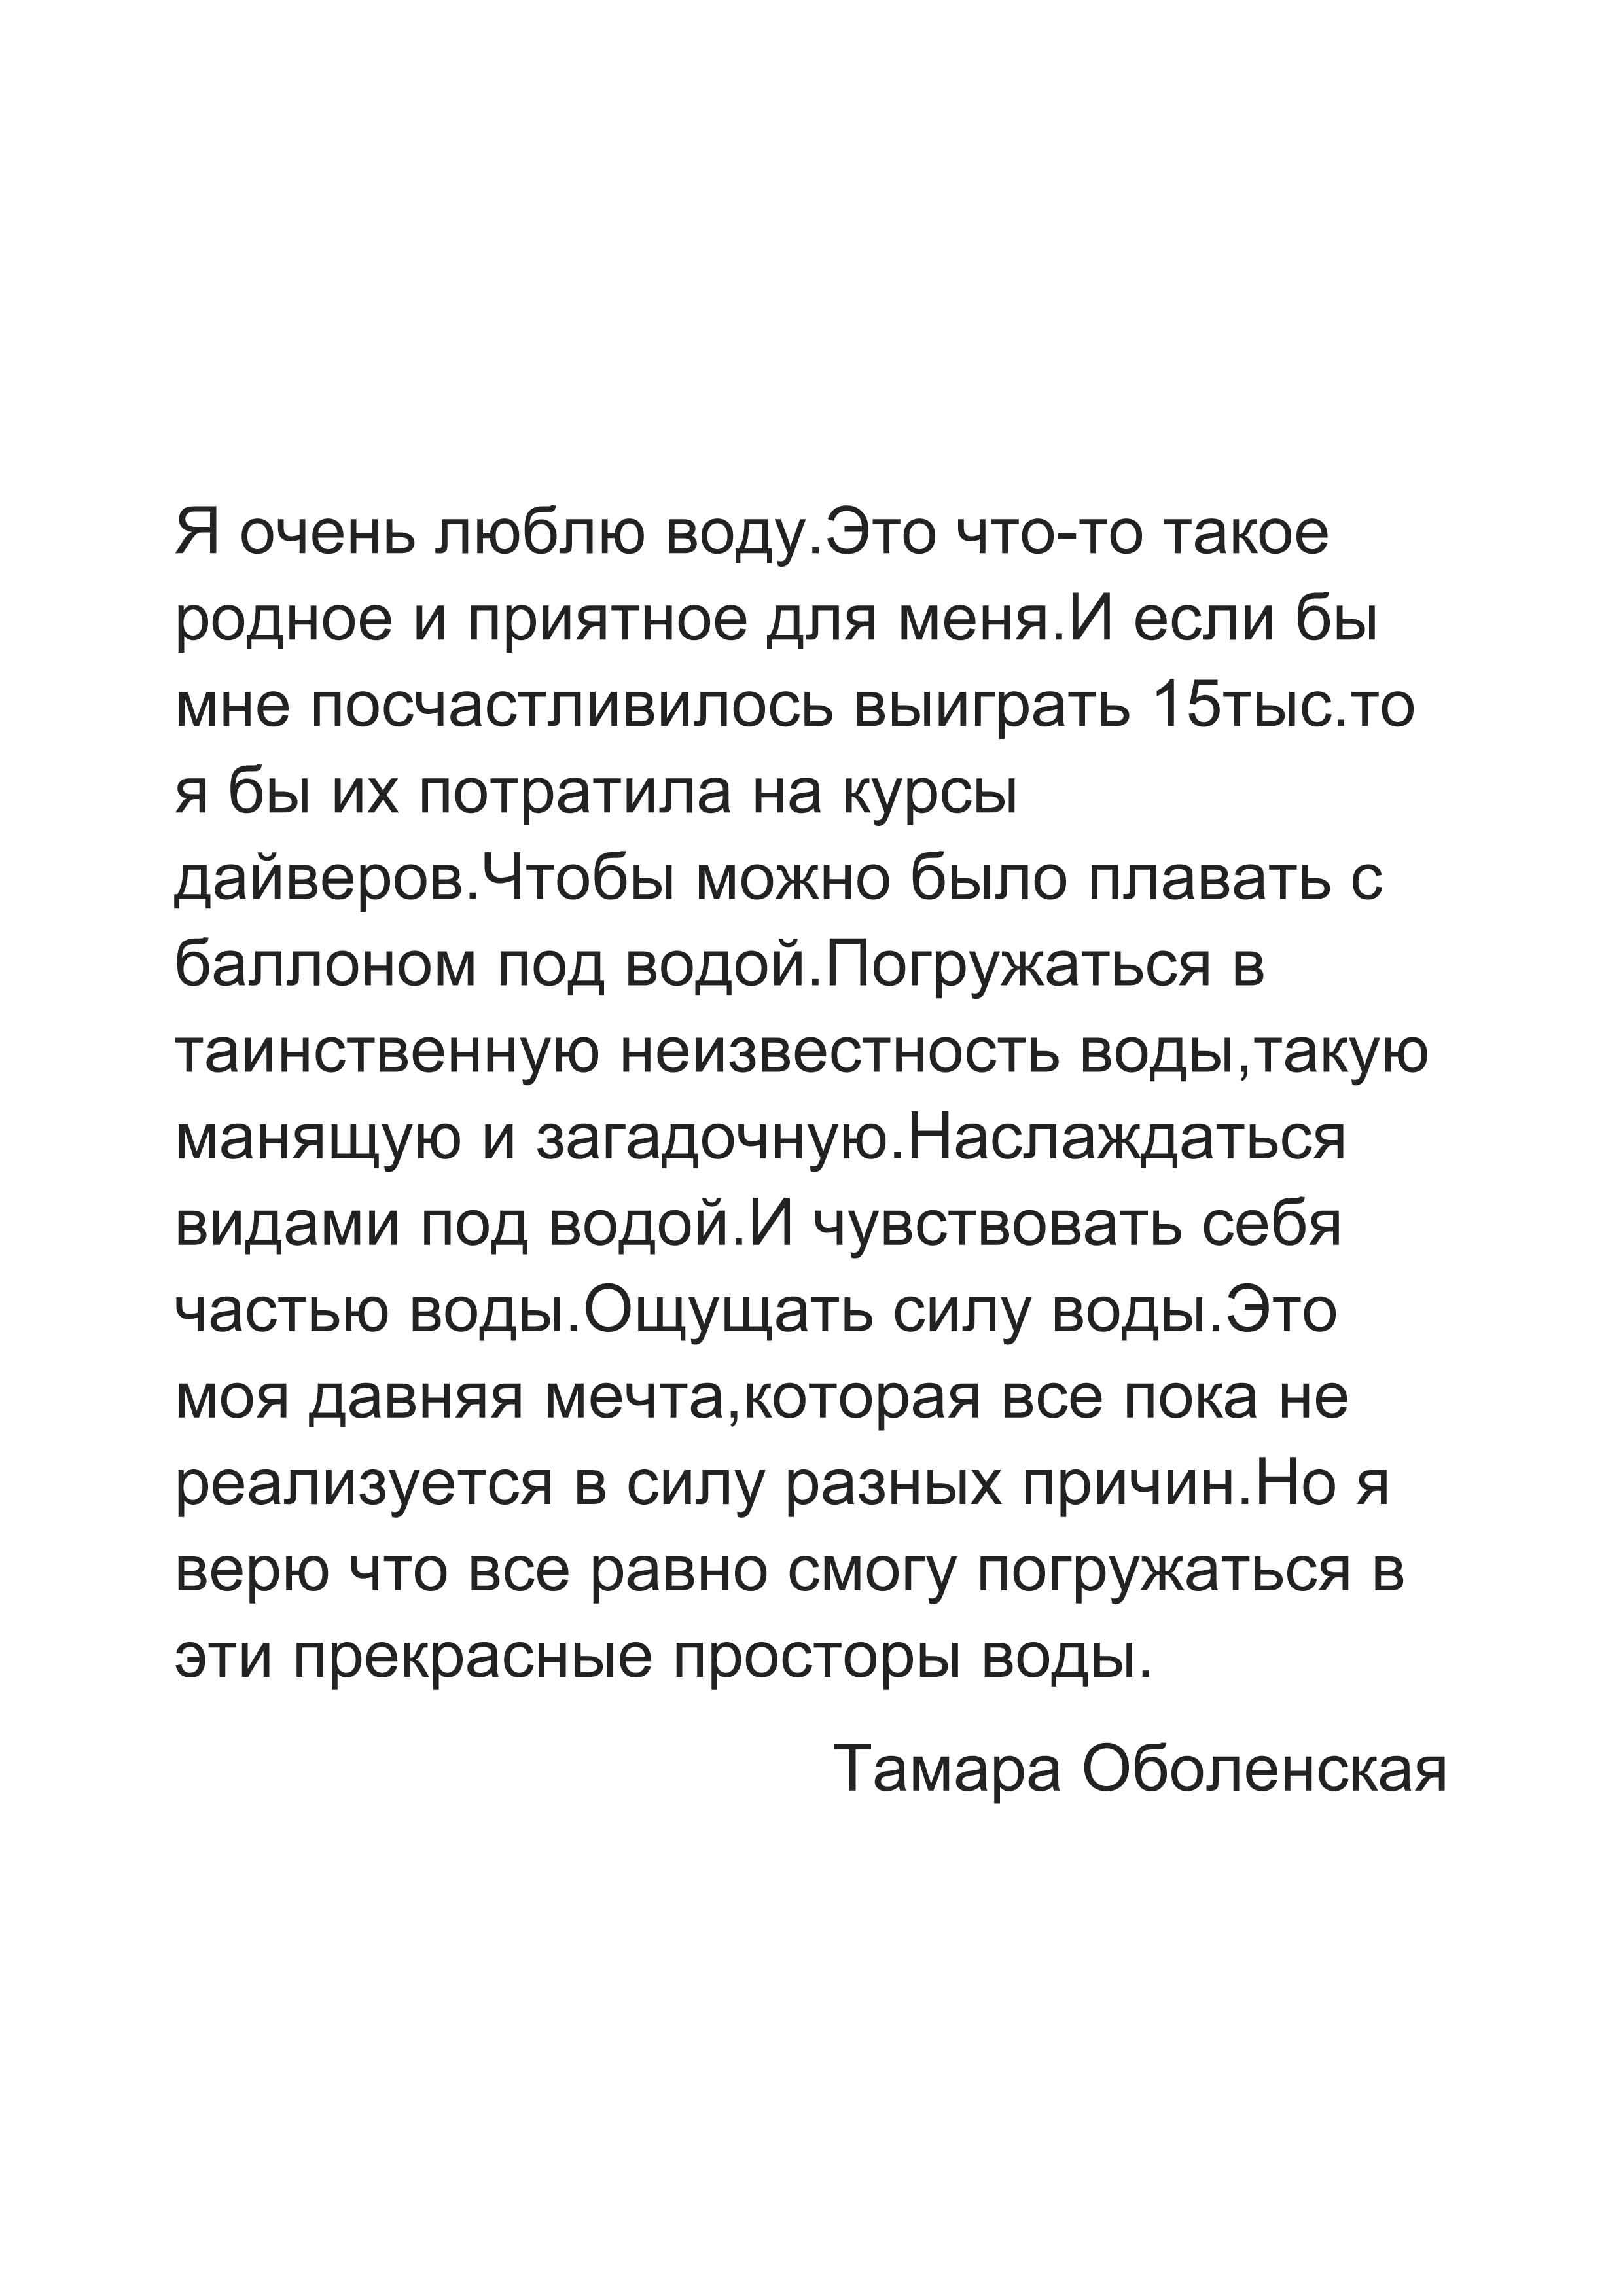 Тамара Оболенская